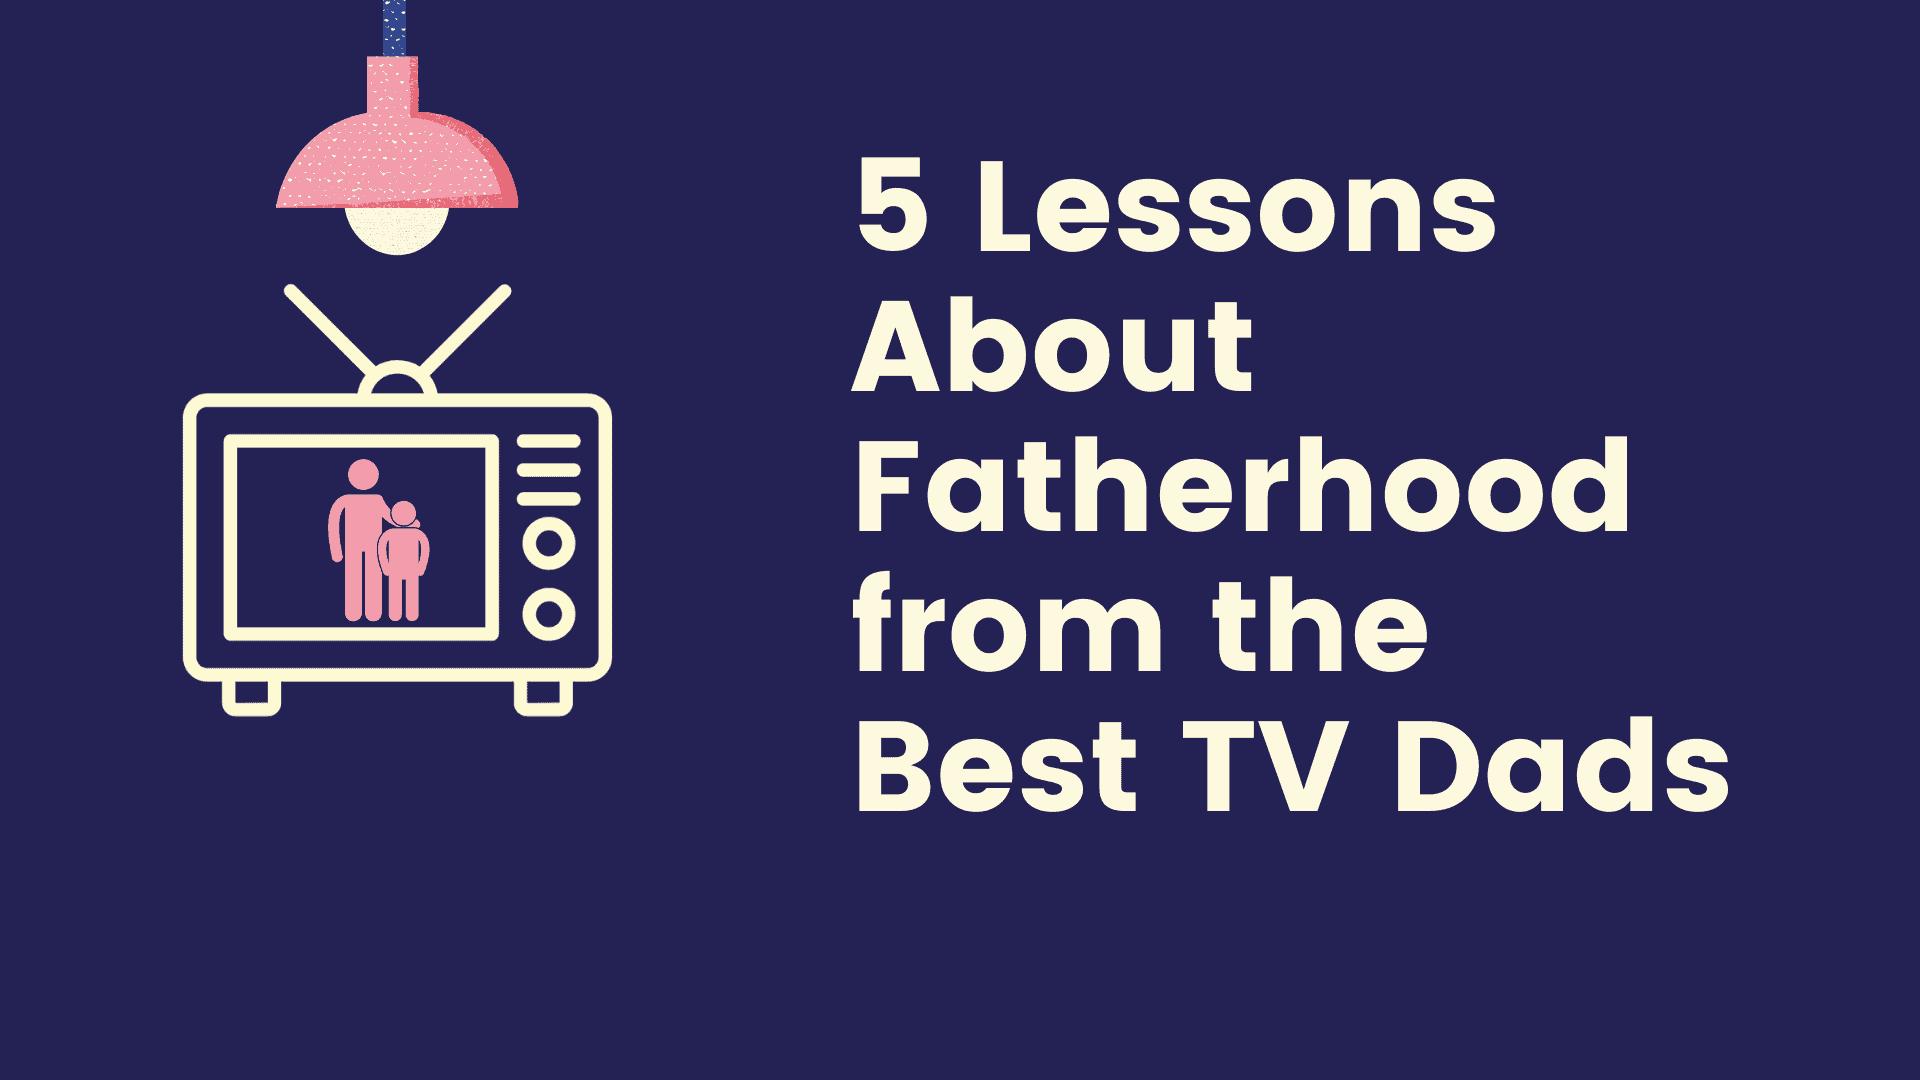 Dudefluencer: Best TV Dads